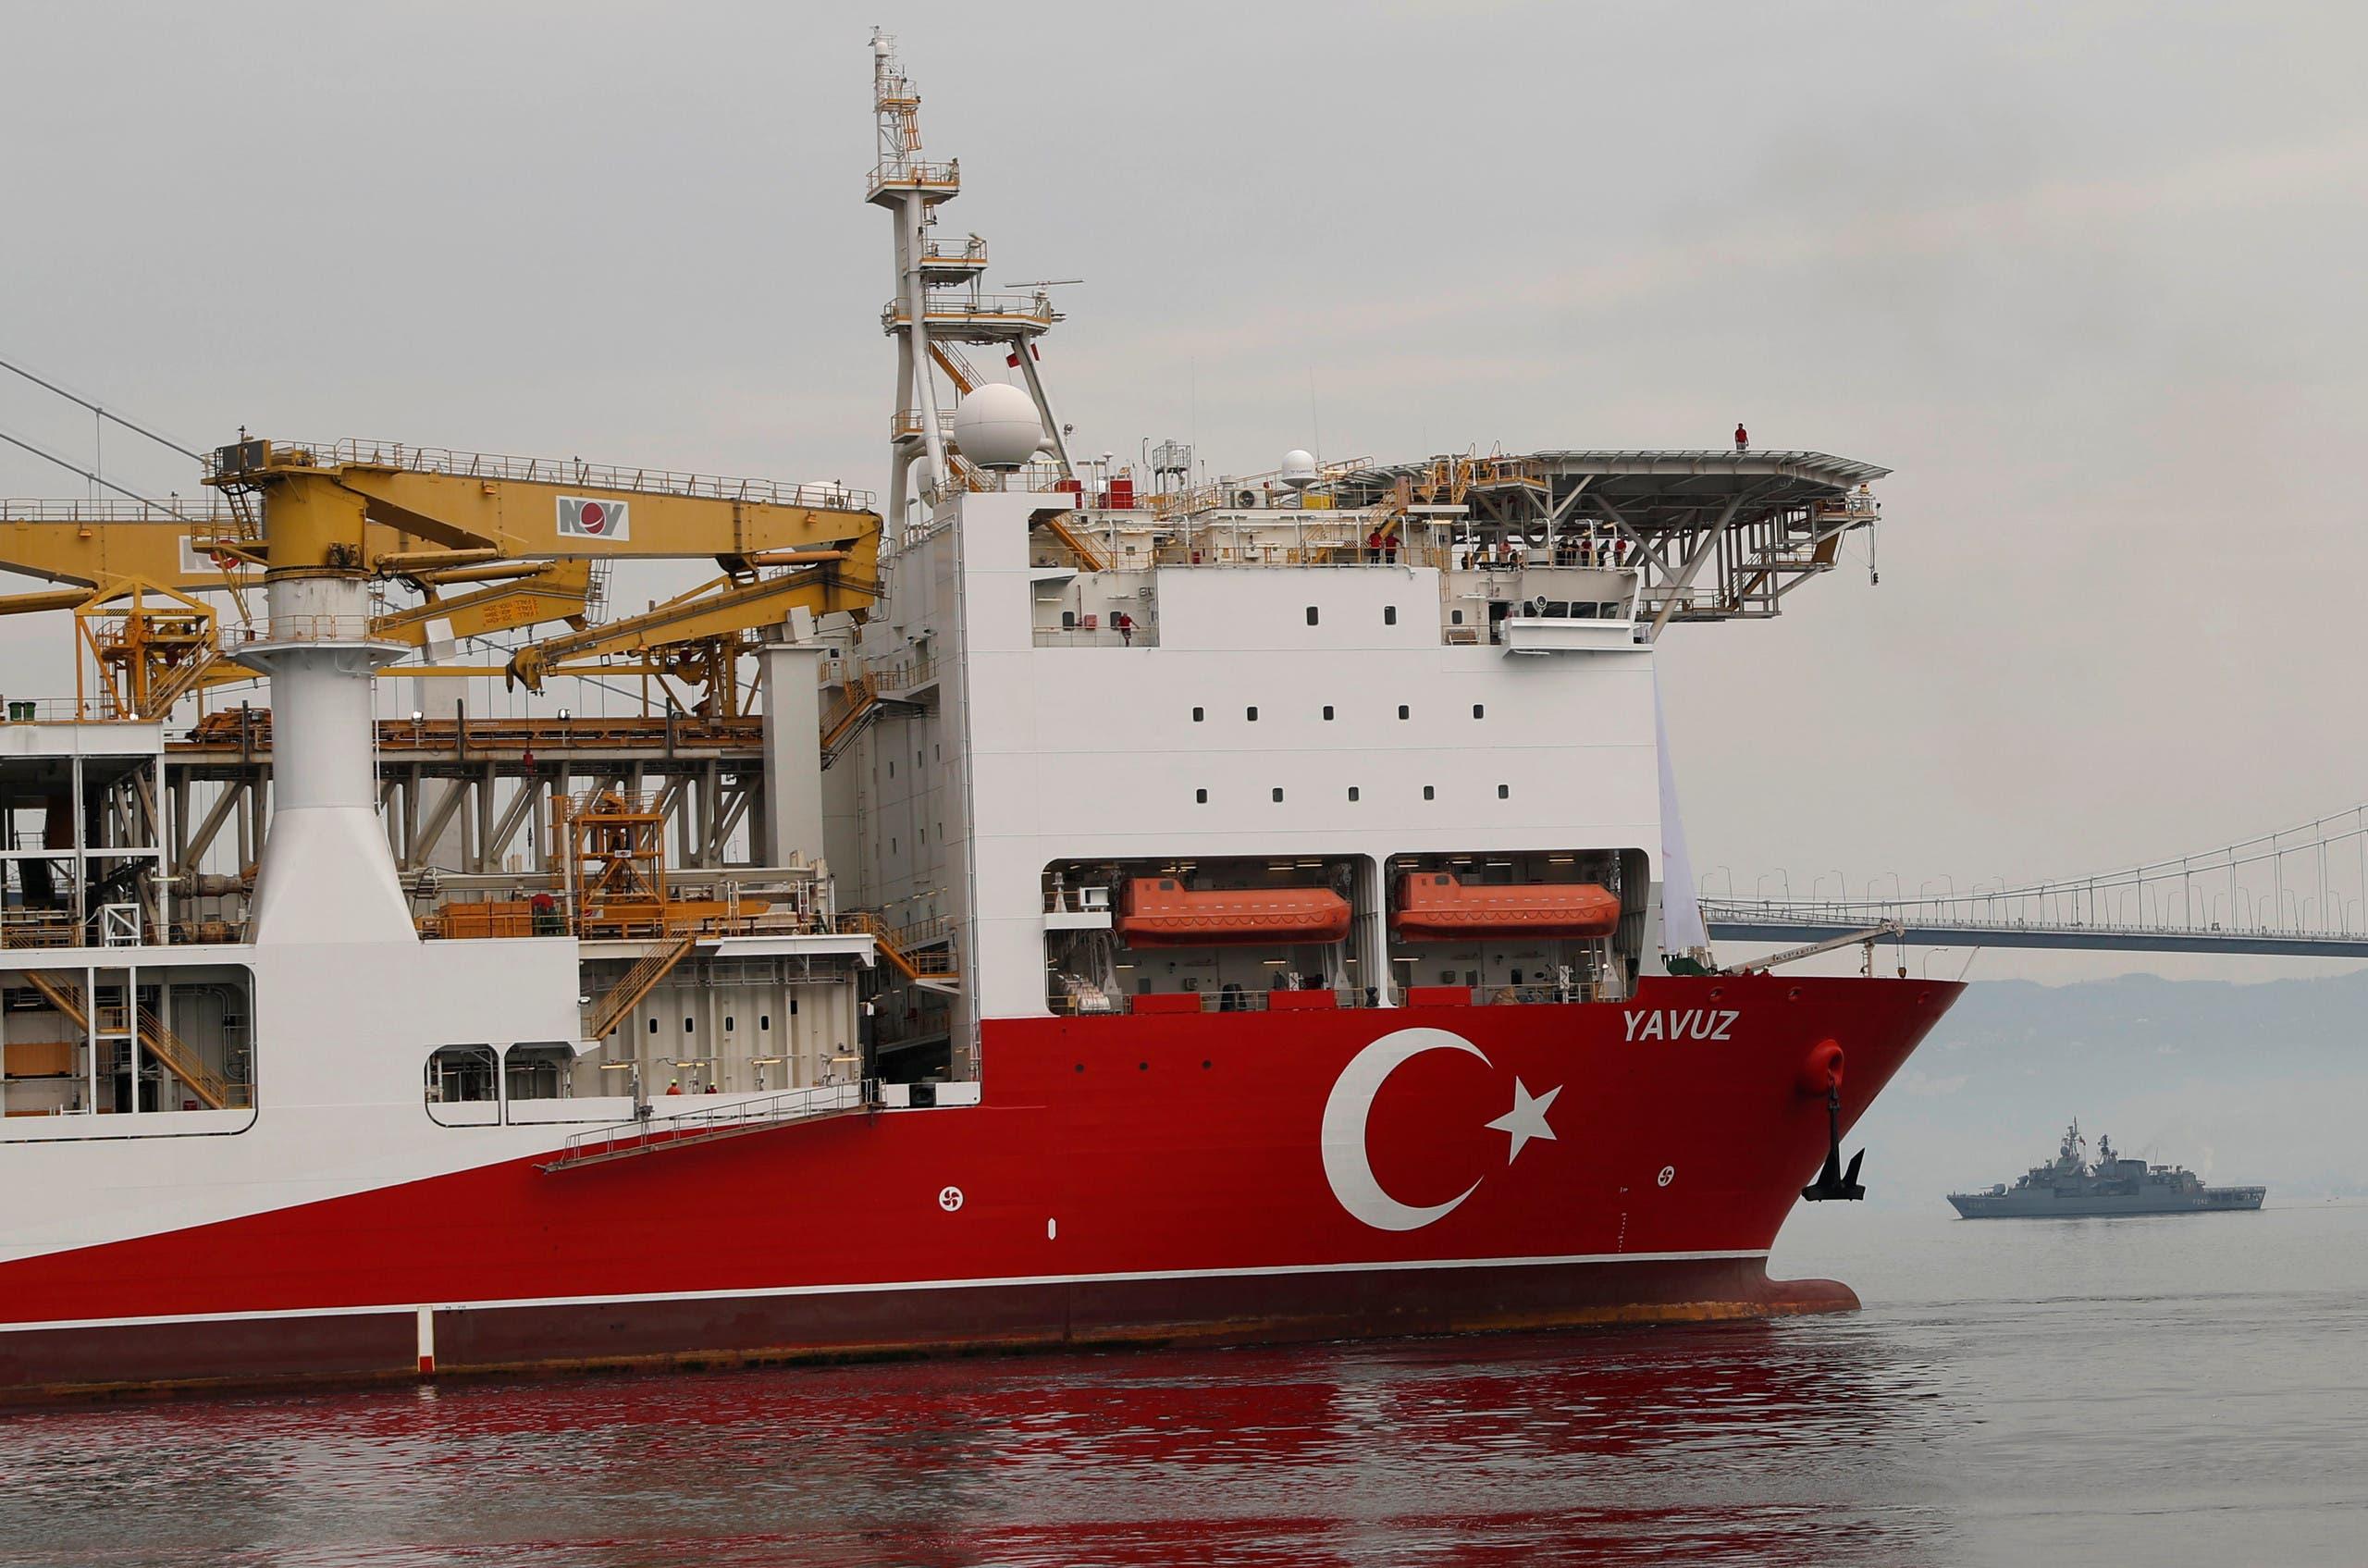 سفينة الحفر التركية يافوز تبحر في خليج إزميت في طريقها إلى البحر الأبيض المتوسط قبالة ميناء ديلوفاسي يوم 20 يونيو